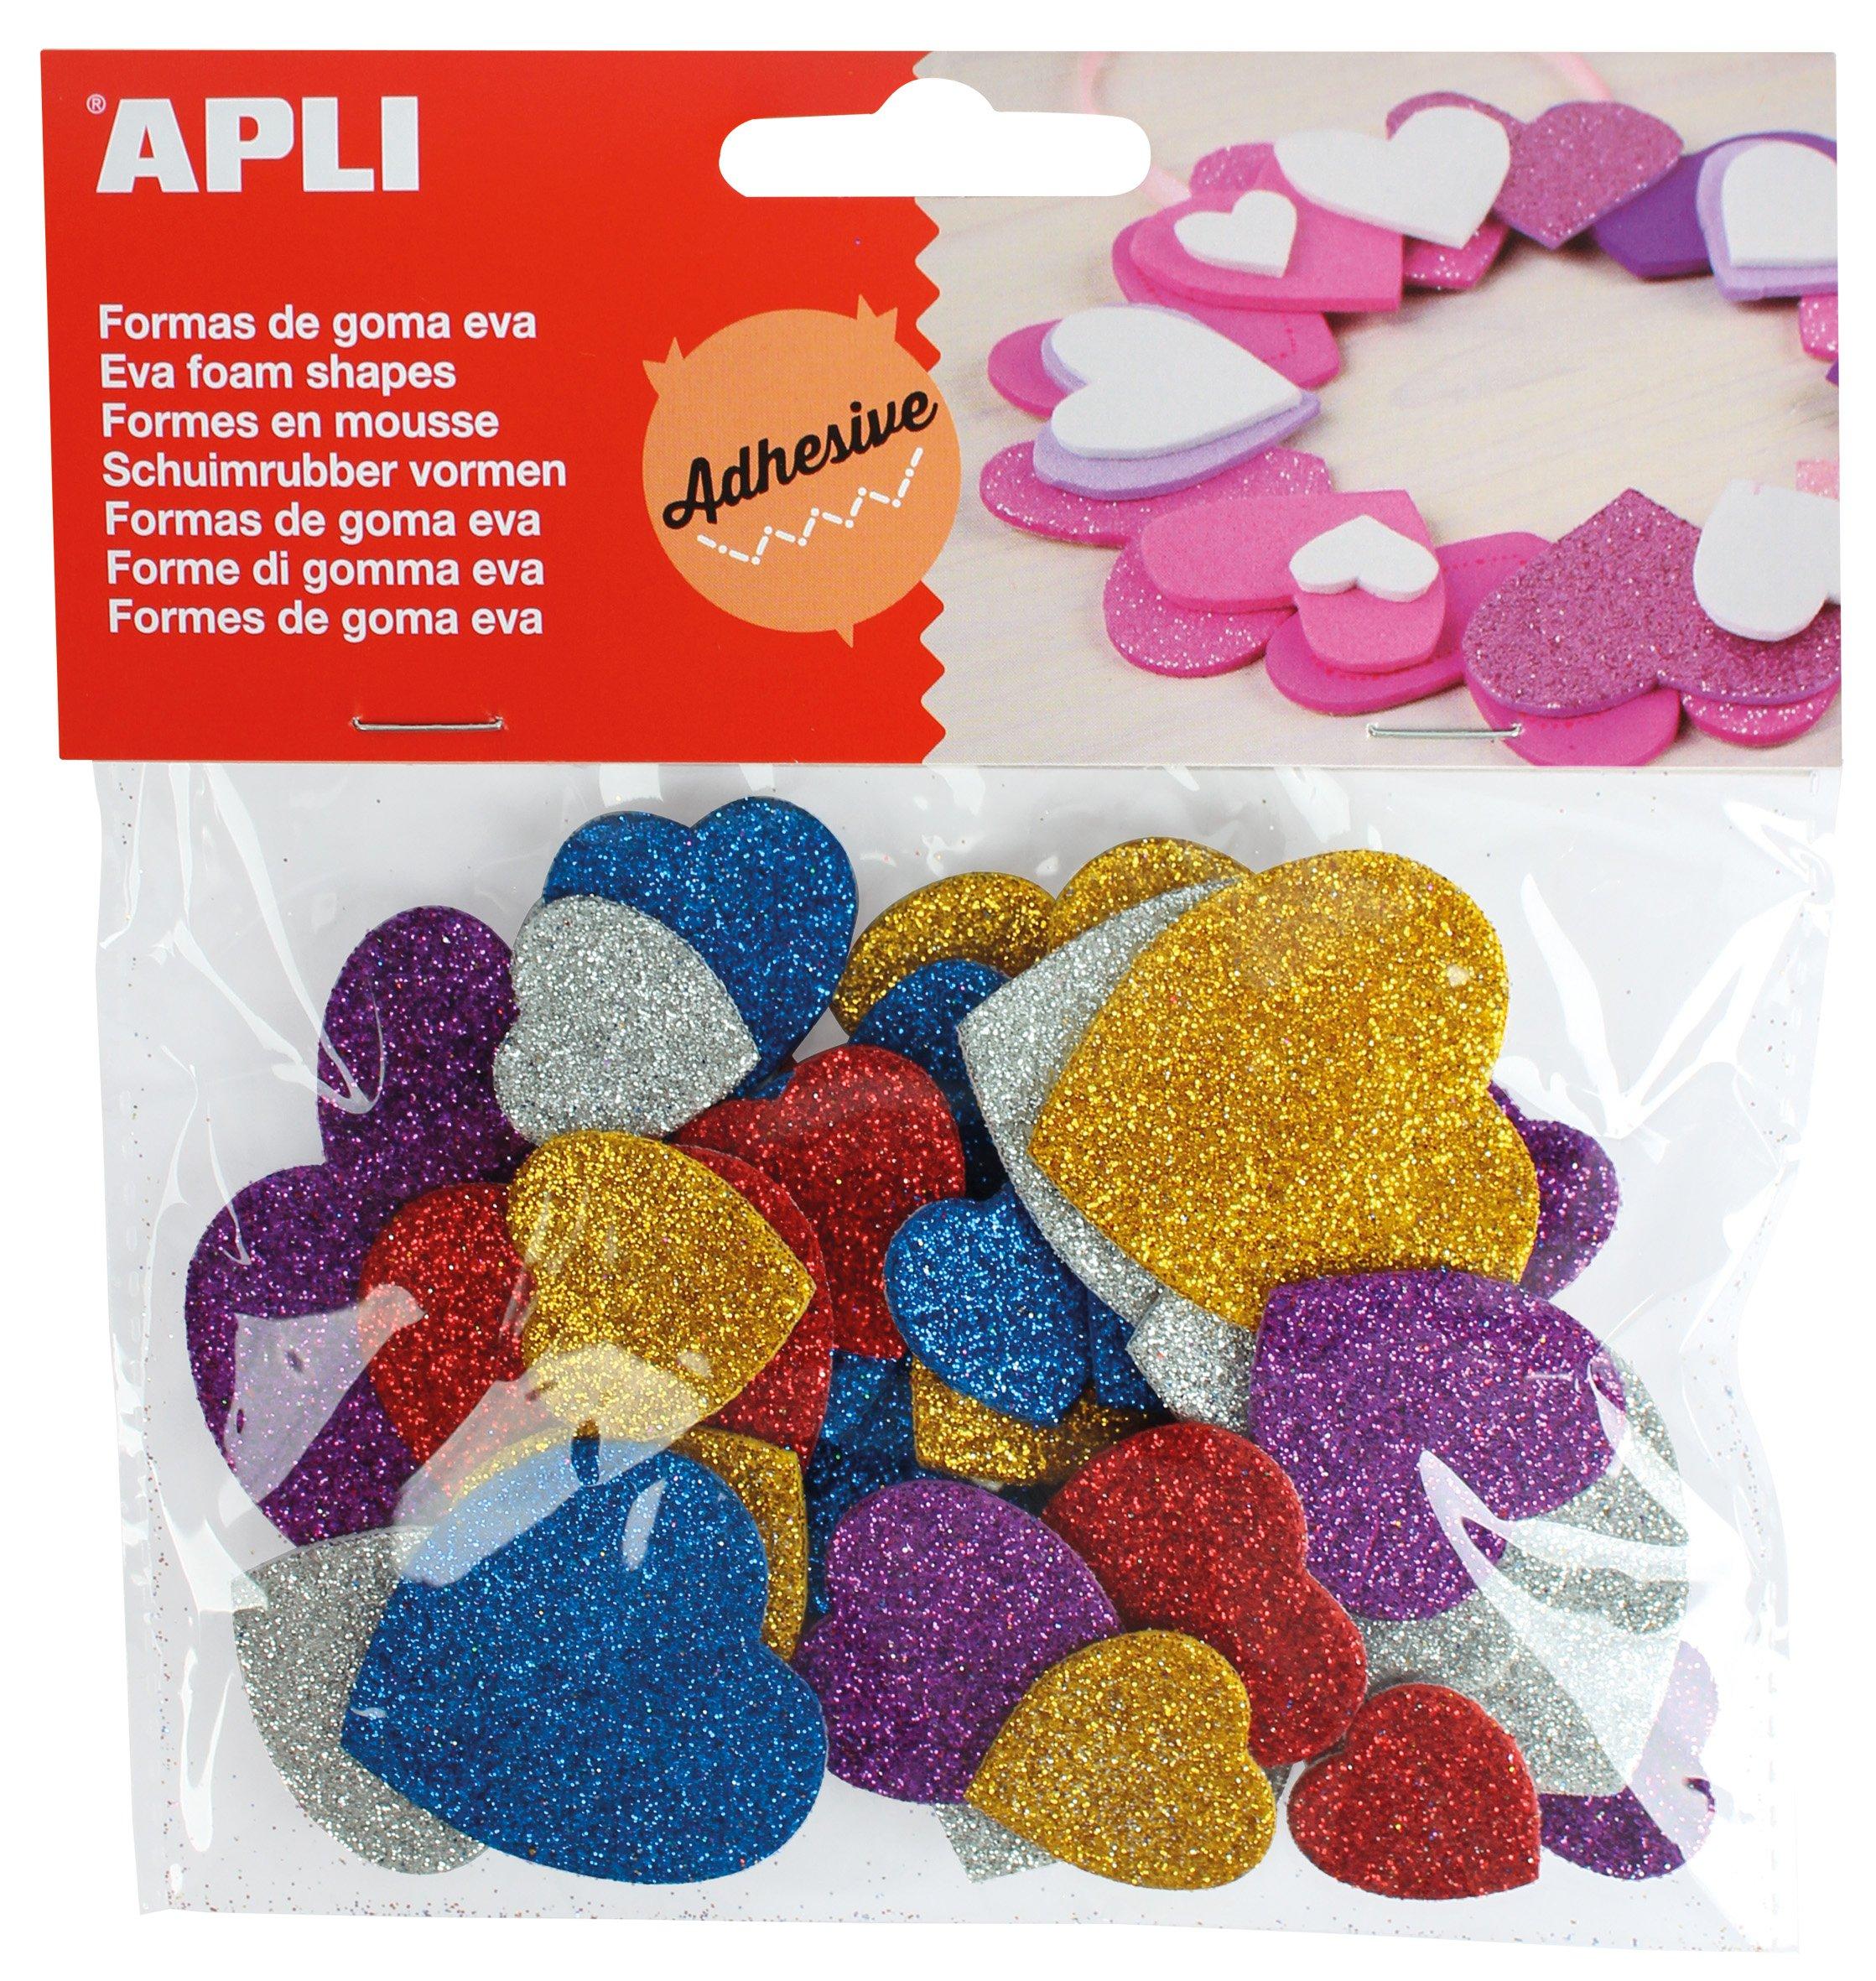 APLI - Bolsa formas EVA adhesiva purpurina formas corazón color, 50 uds: Amazon.es: Oficina y papelería